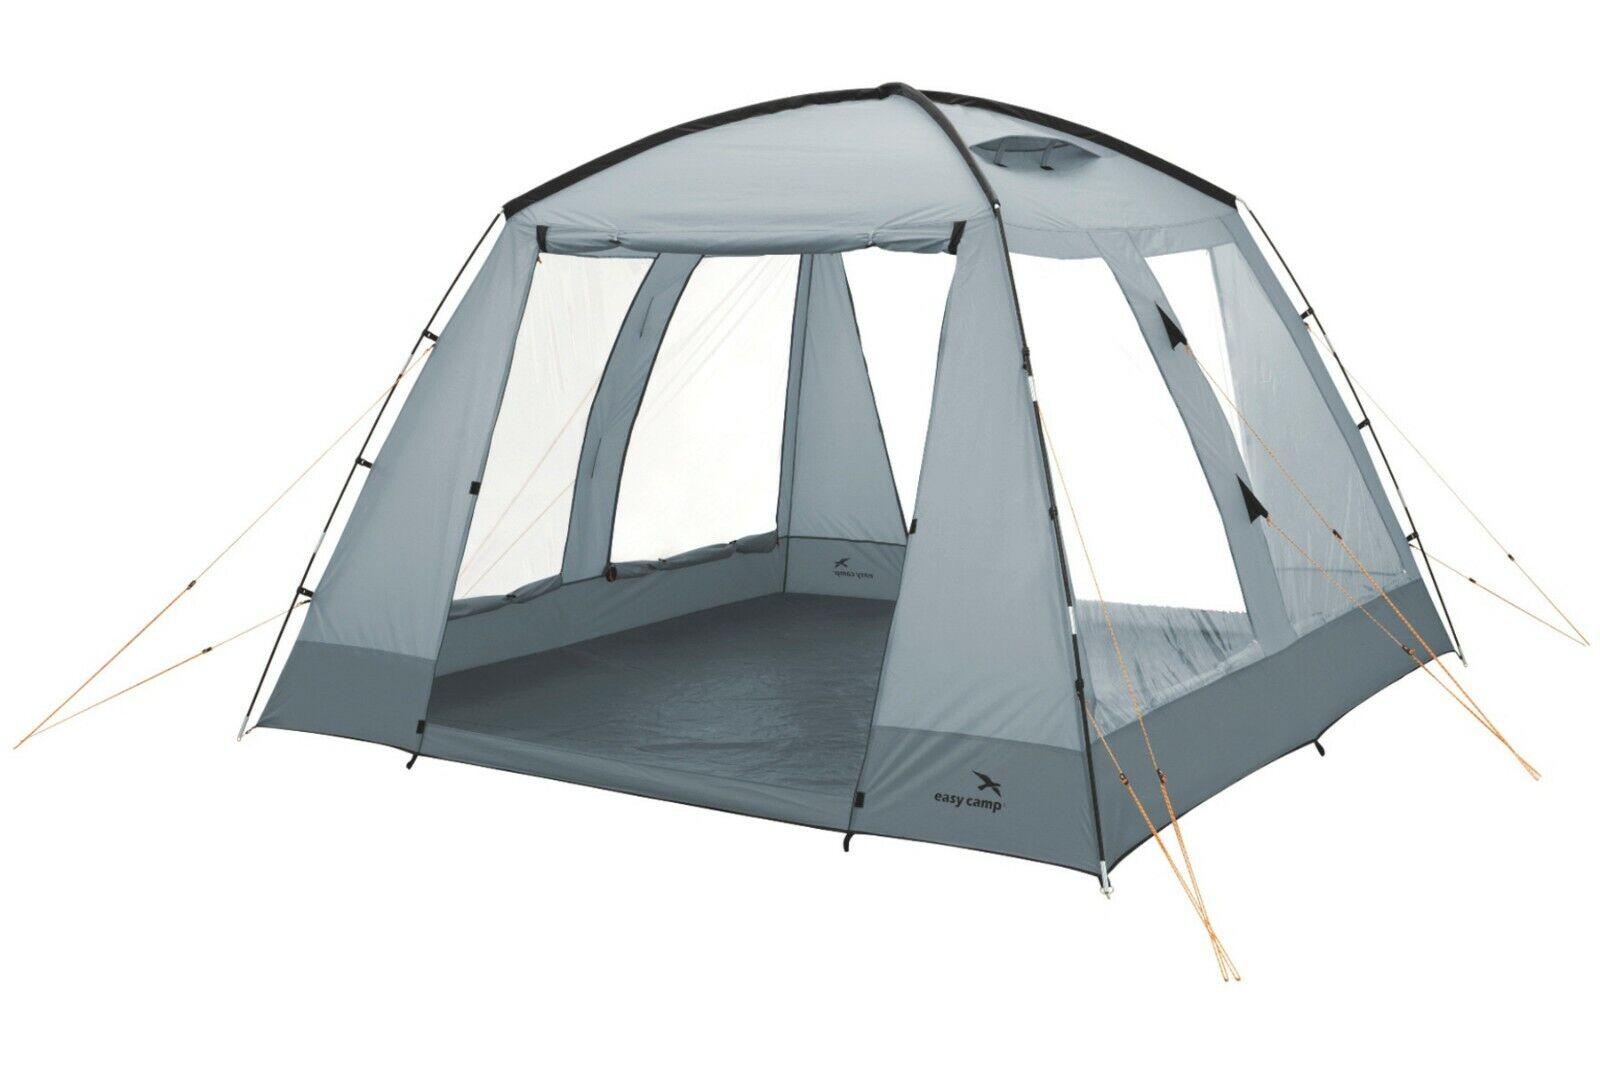 Easy Camp Daytent Kuppelzelt zusätzlicher Raum als Vorzelt Pavillion Kinderzimme